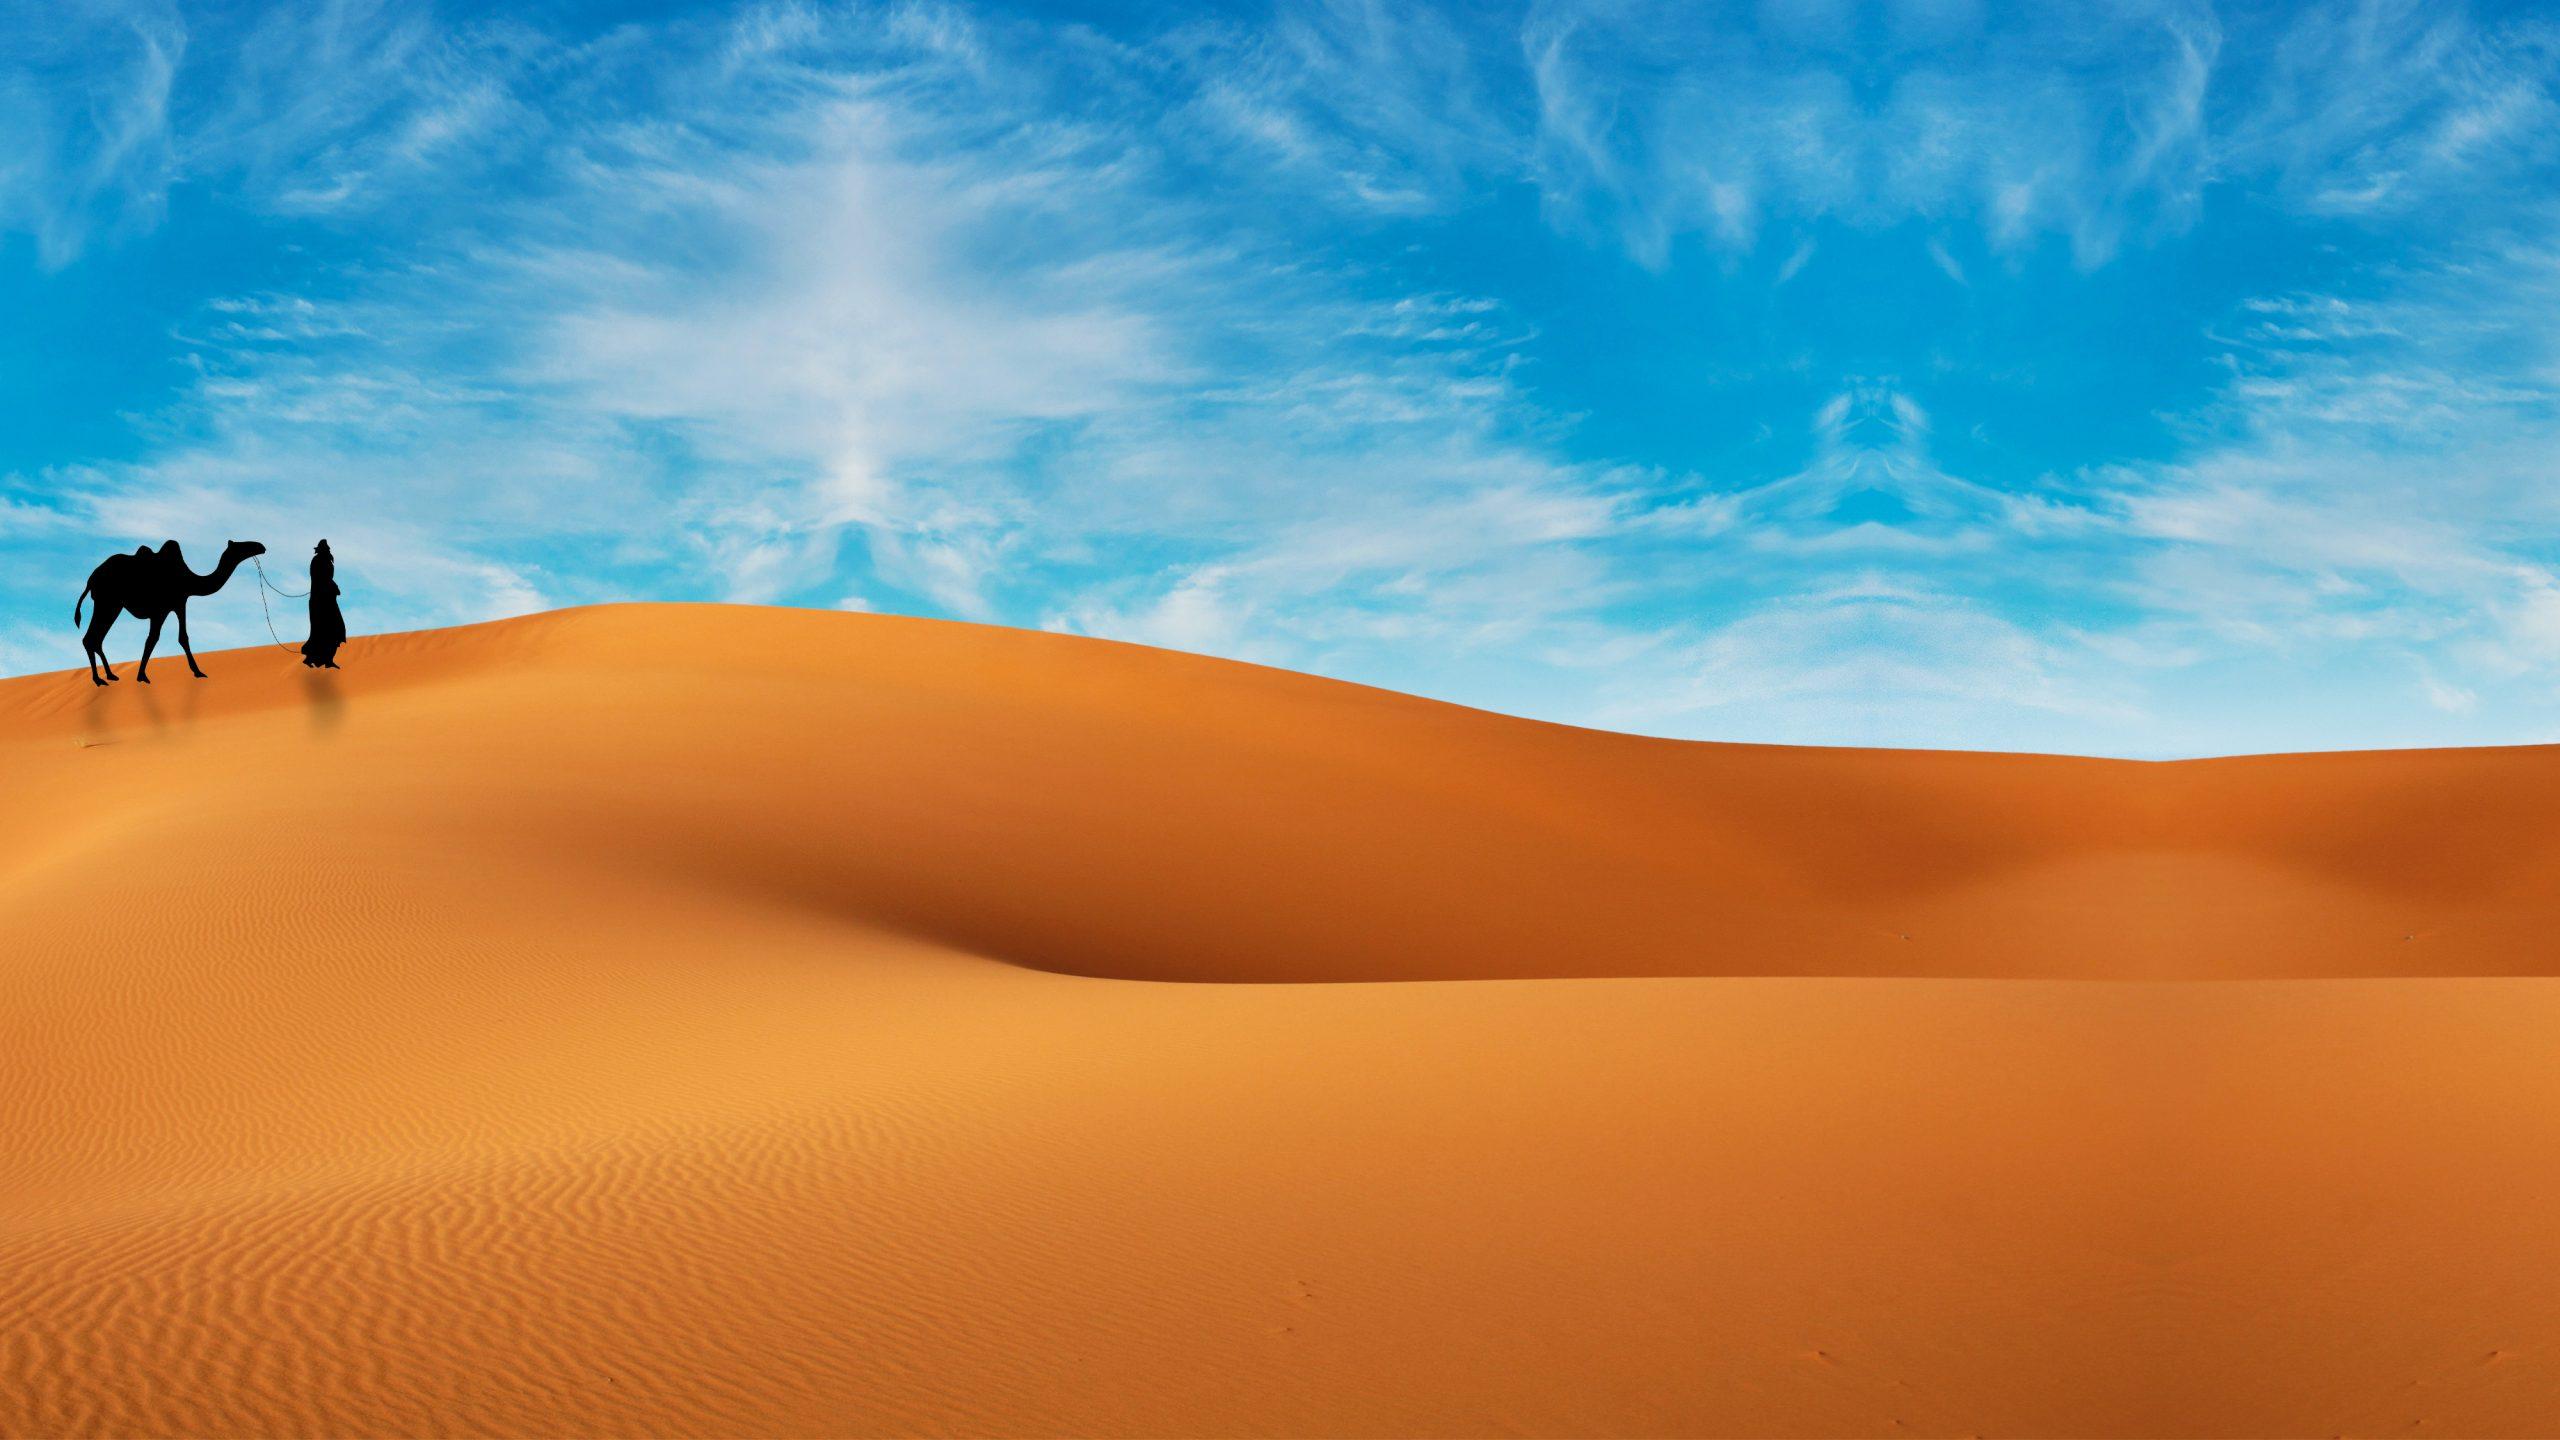 Illustration of desert wallpaper